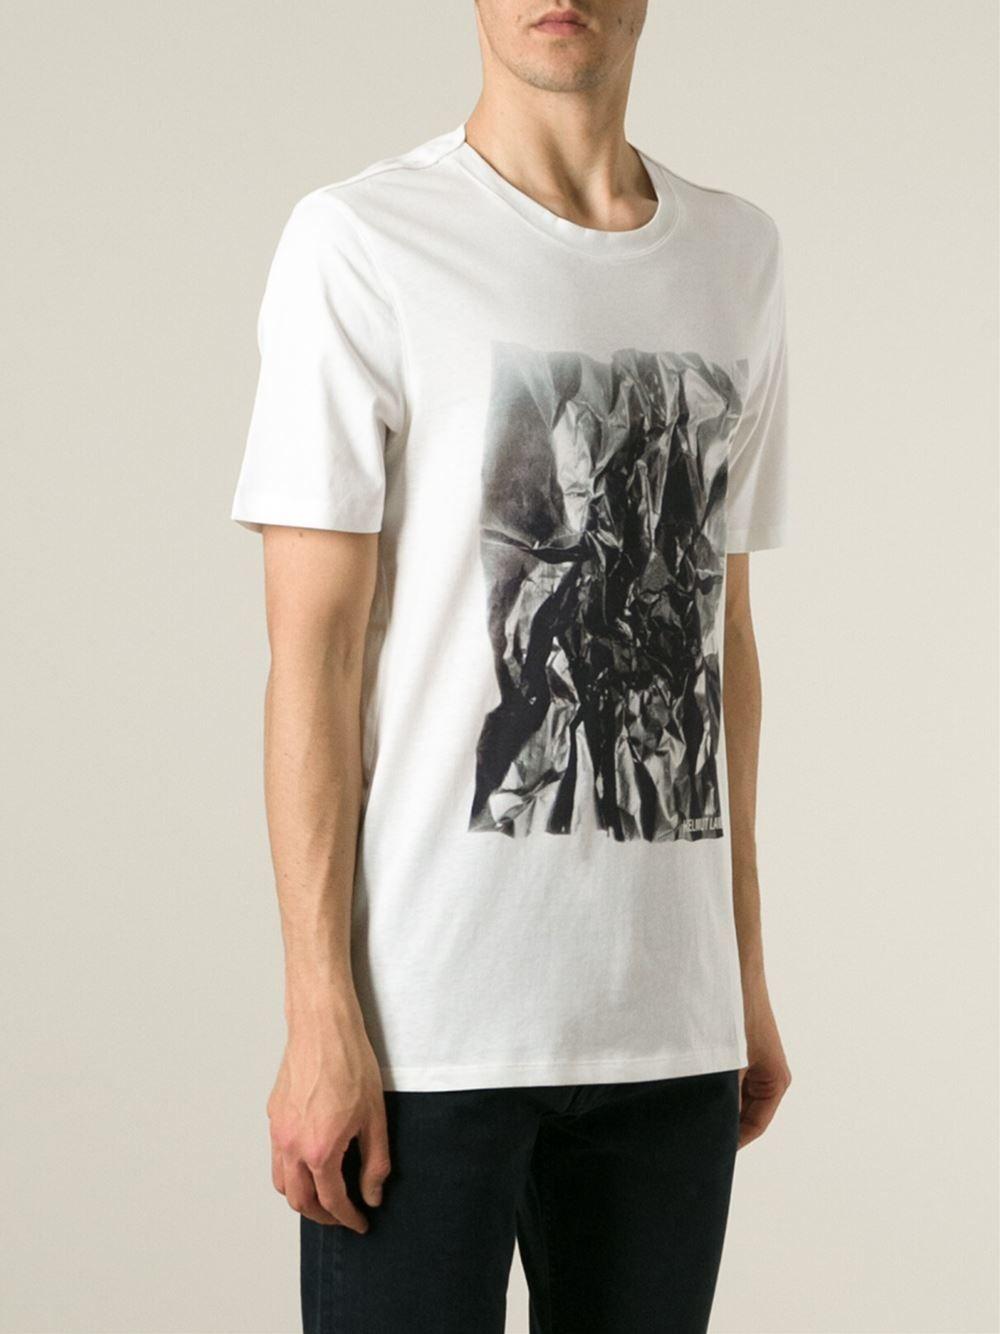 #helmutlang #tshirt #prints #man #summer #sales www.jofre.eu